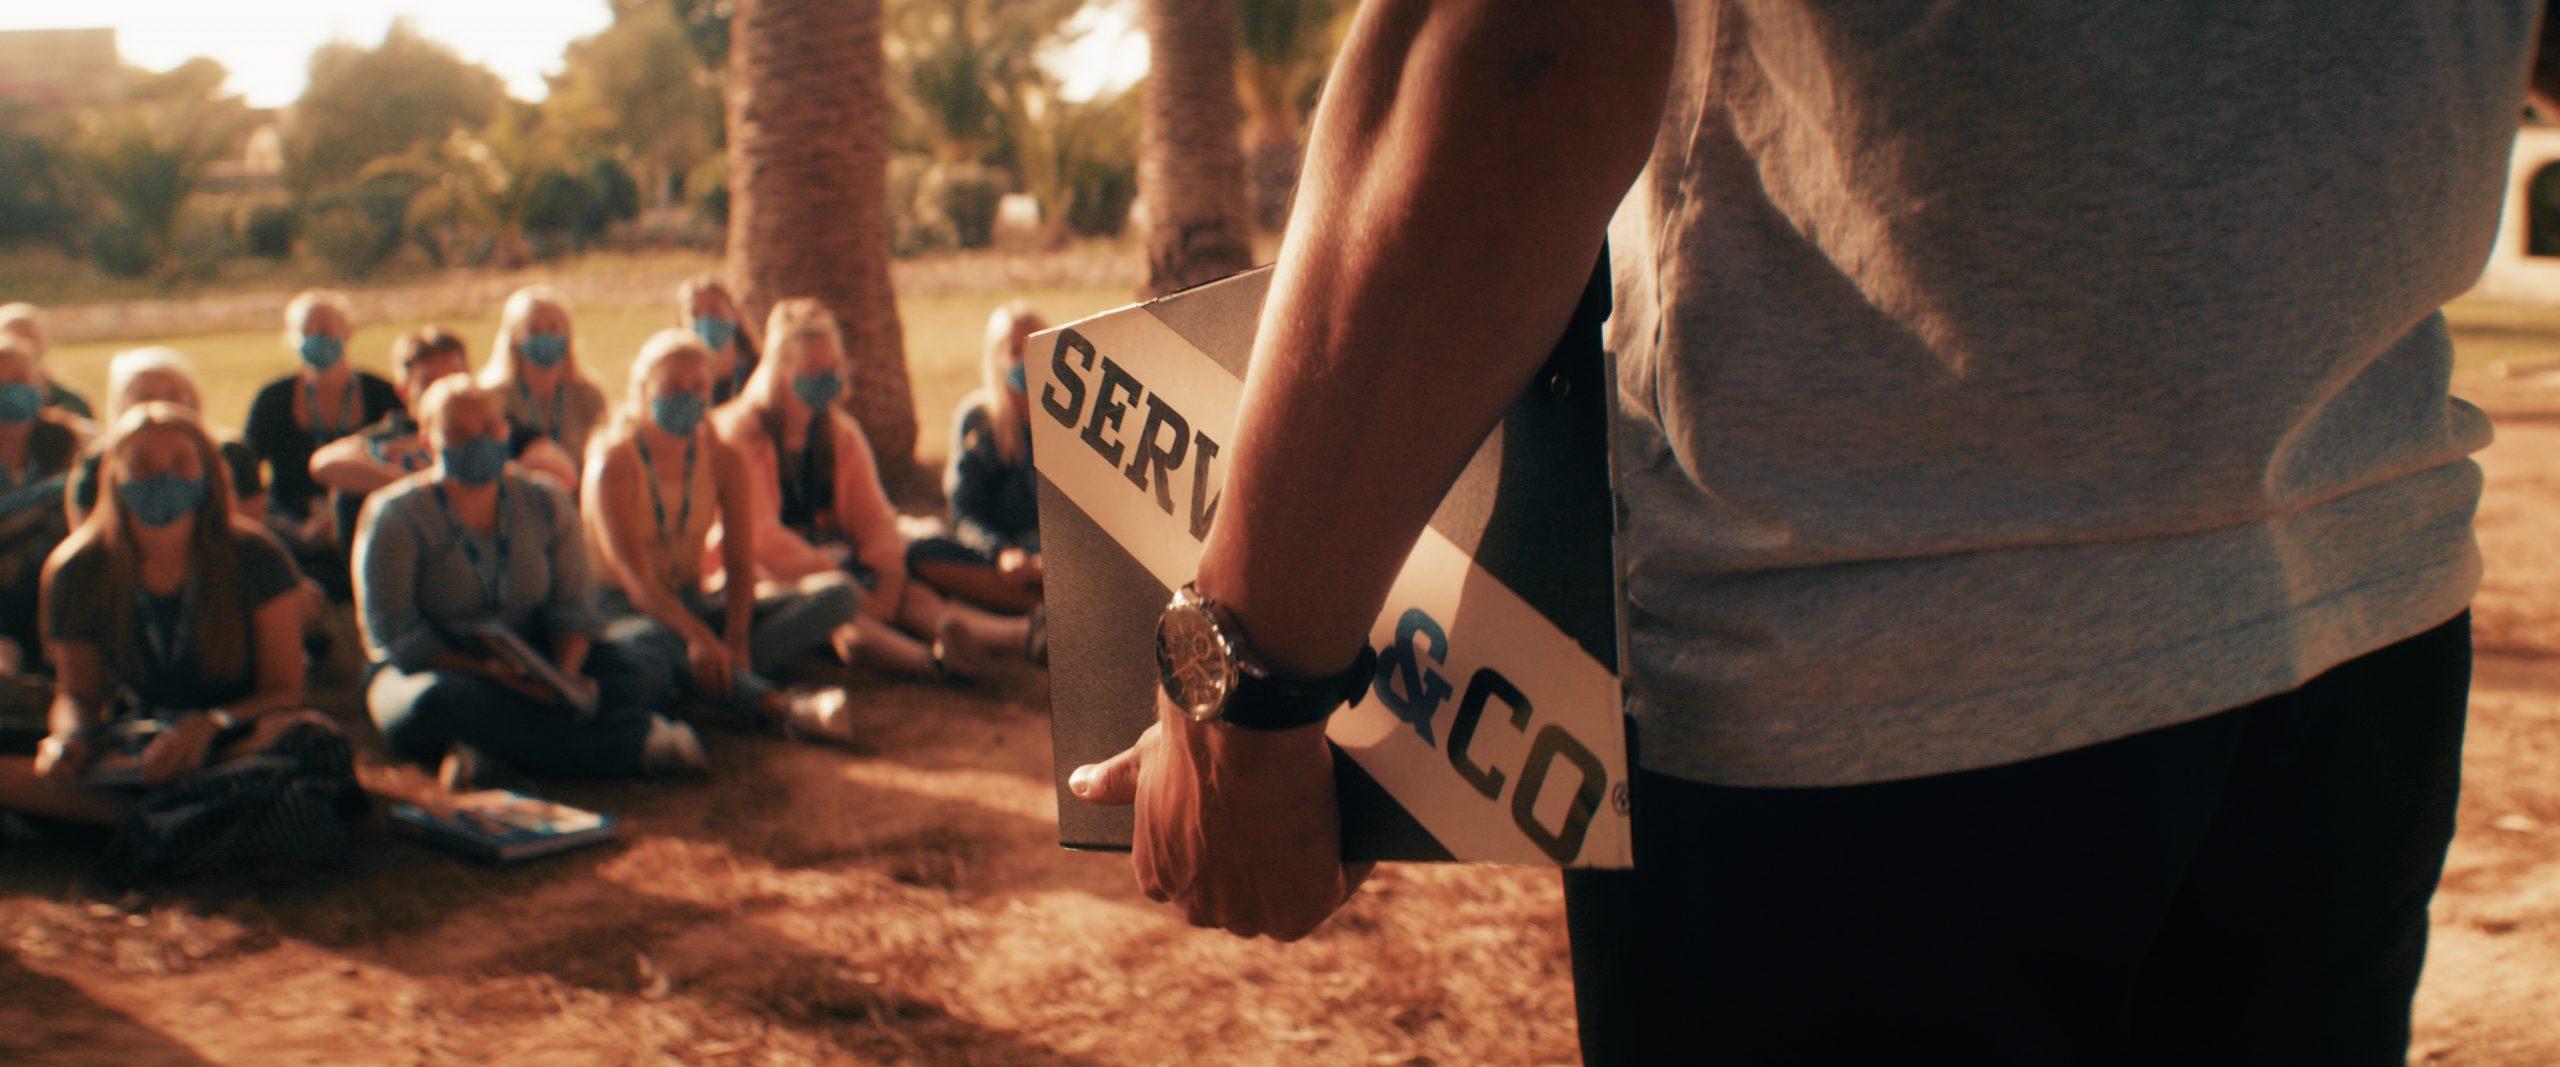 Den danske guideuddannelse Service & Co. har i fem uger haft 87 elever på guideskole på Malta, uden nogen blev smittet eller var smittet efter hjemkomsten. PR-foto: Service & Co.